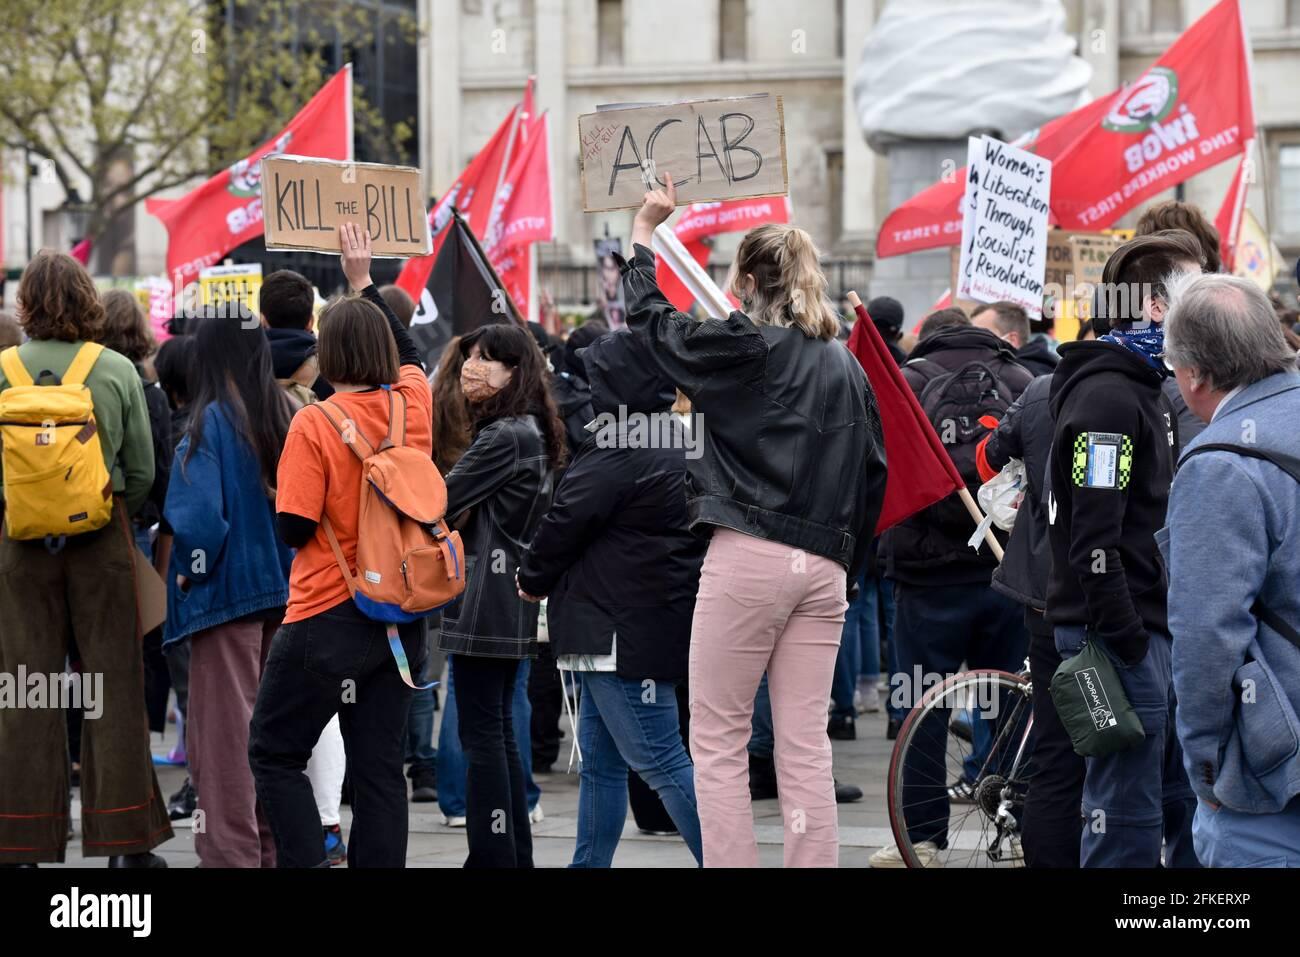 Trafalgar Square, Londres, Royaume-Uni. 1er mai 2021. Tuez les manifestants de Bill à Trafalgar Square. Crédit : Matthew Chattle/Alay Live News Banque D'Images